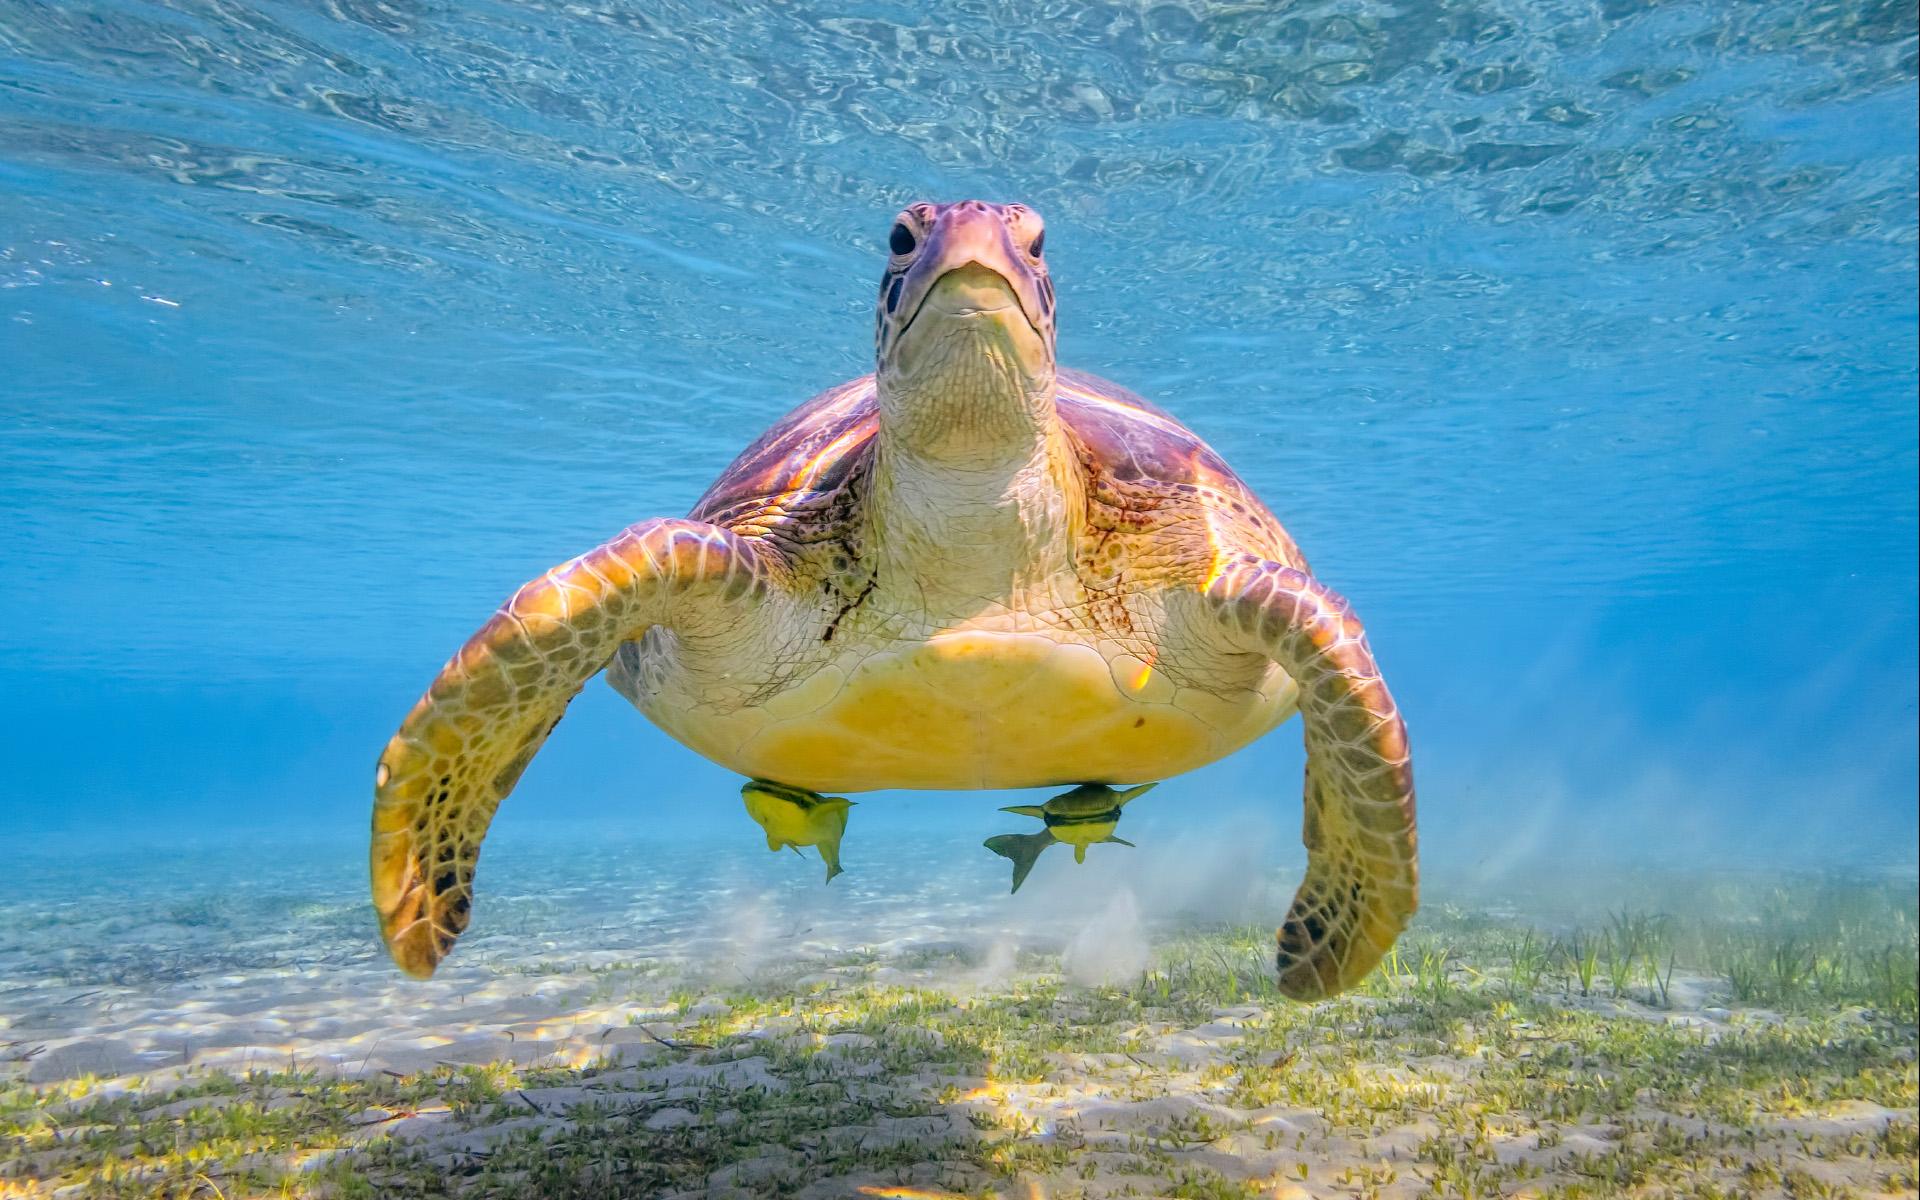 Một chú rùa lớn tuổi trong dòng nước trong